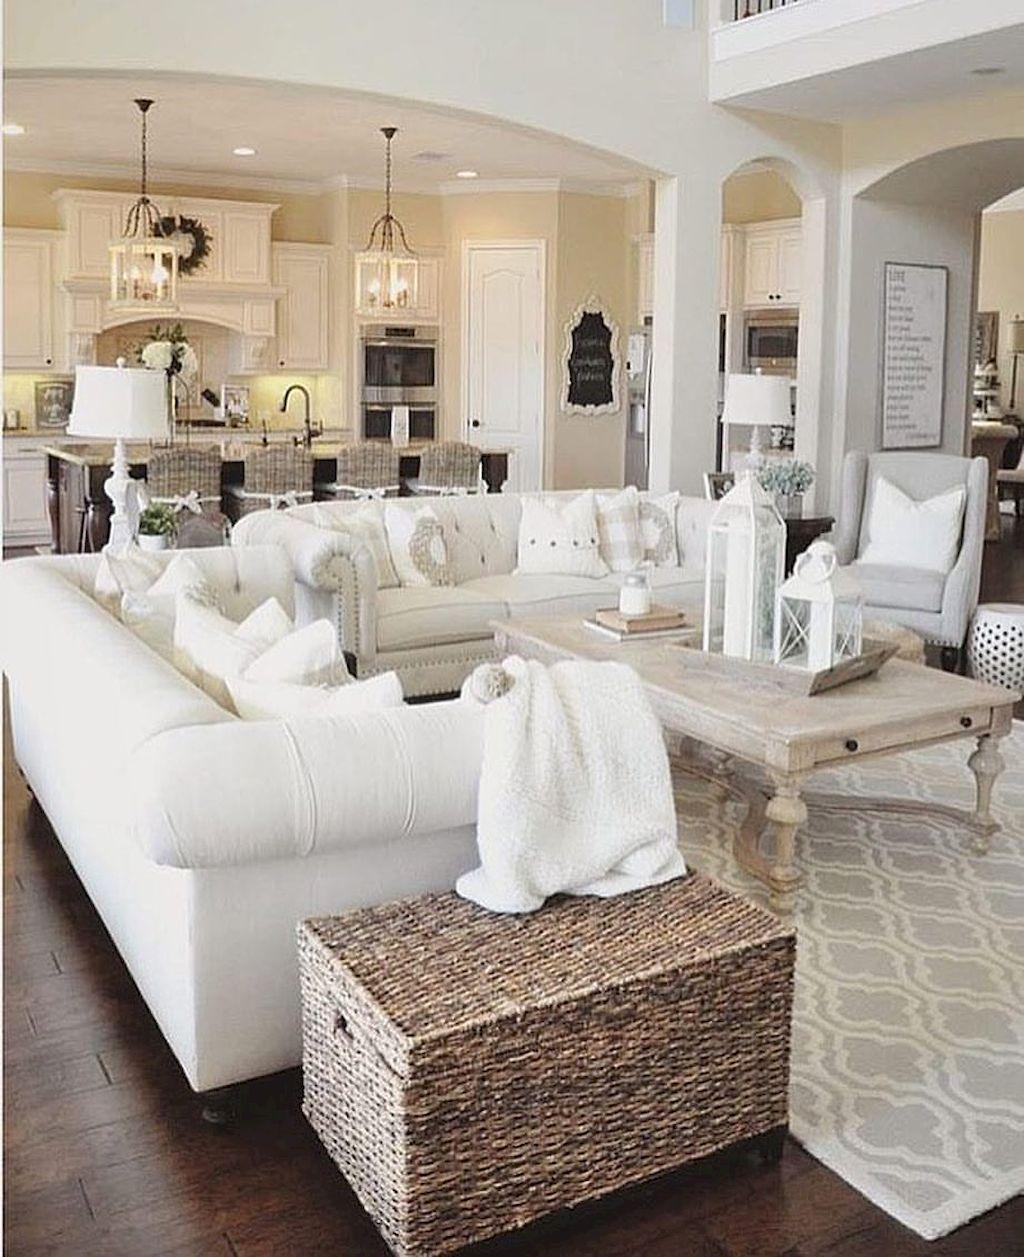 Luxury Living Room Livingroom Luxury Living Room Interior Design Ideas Coastal Decorating Living Room Farm House Living Room Living Room Remodel